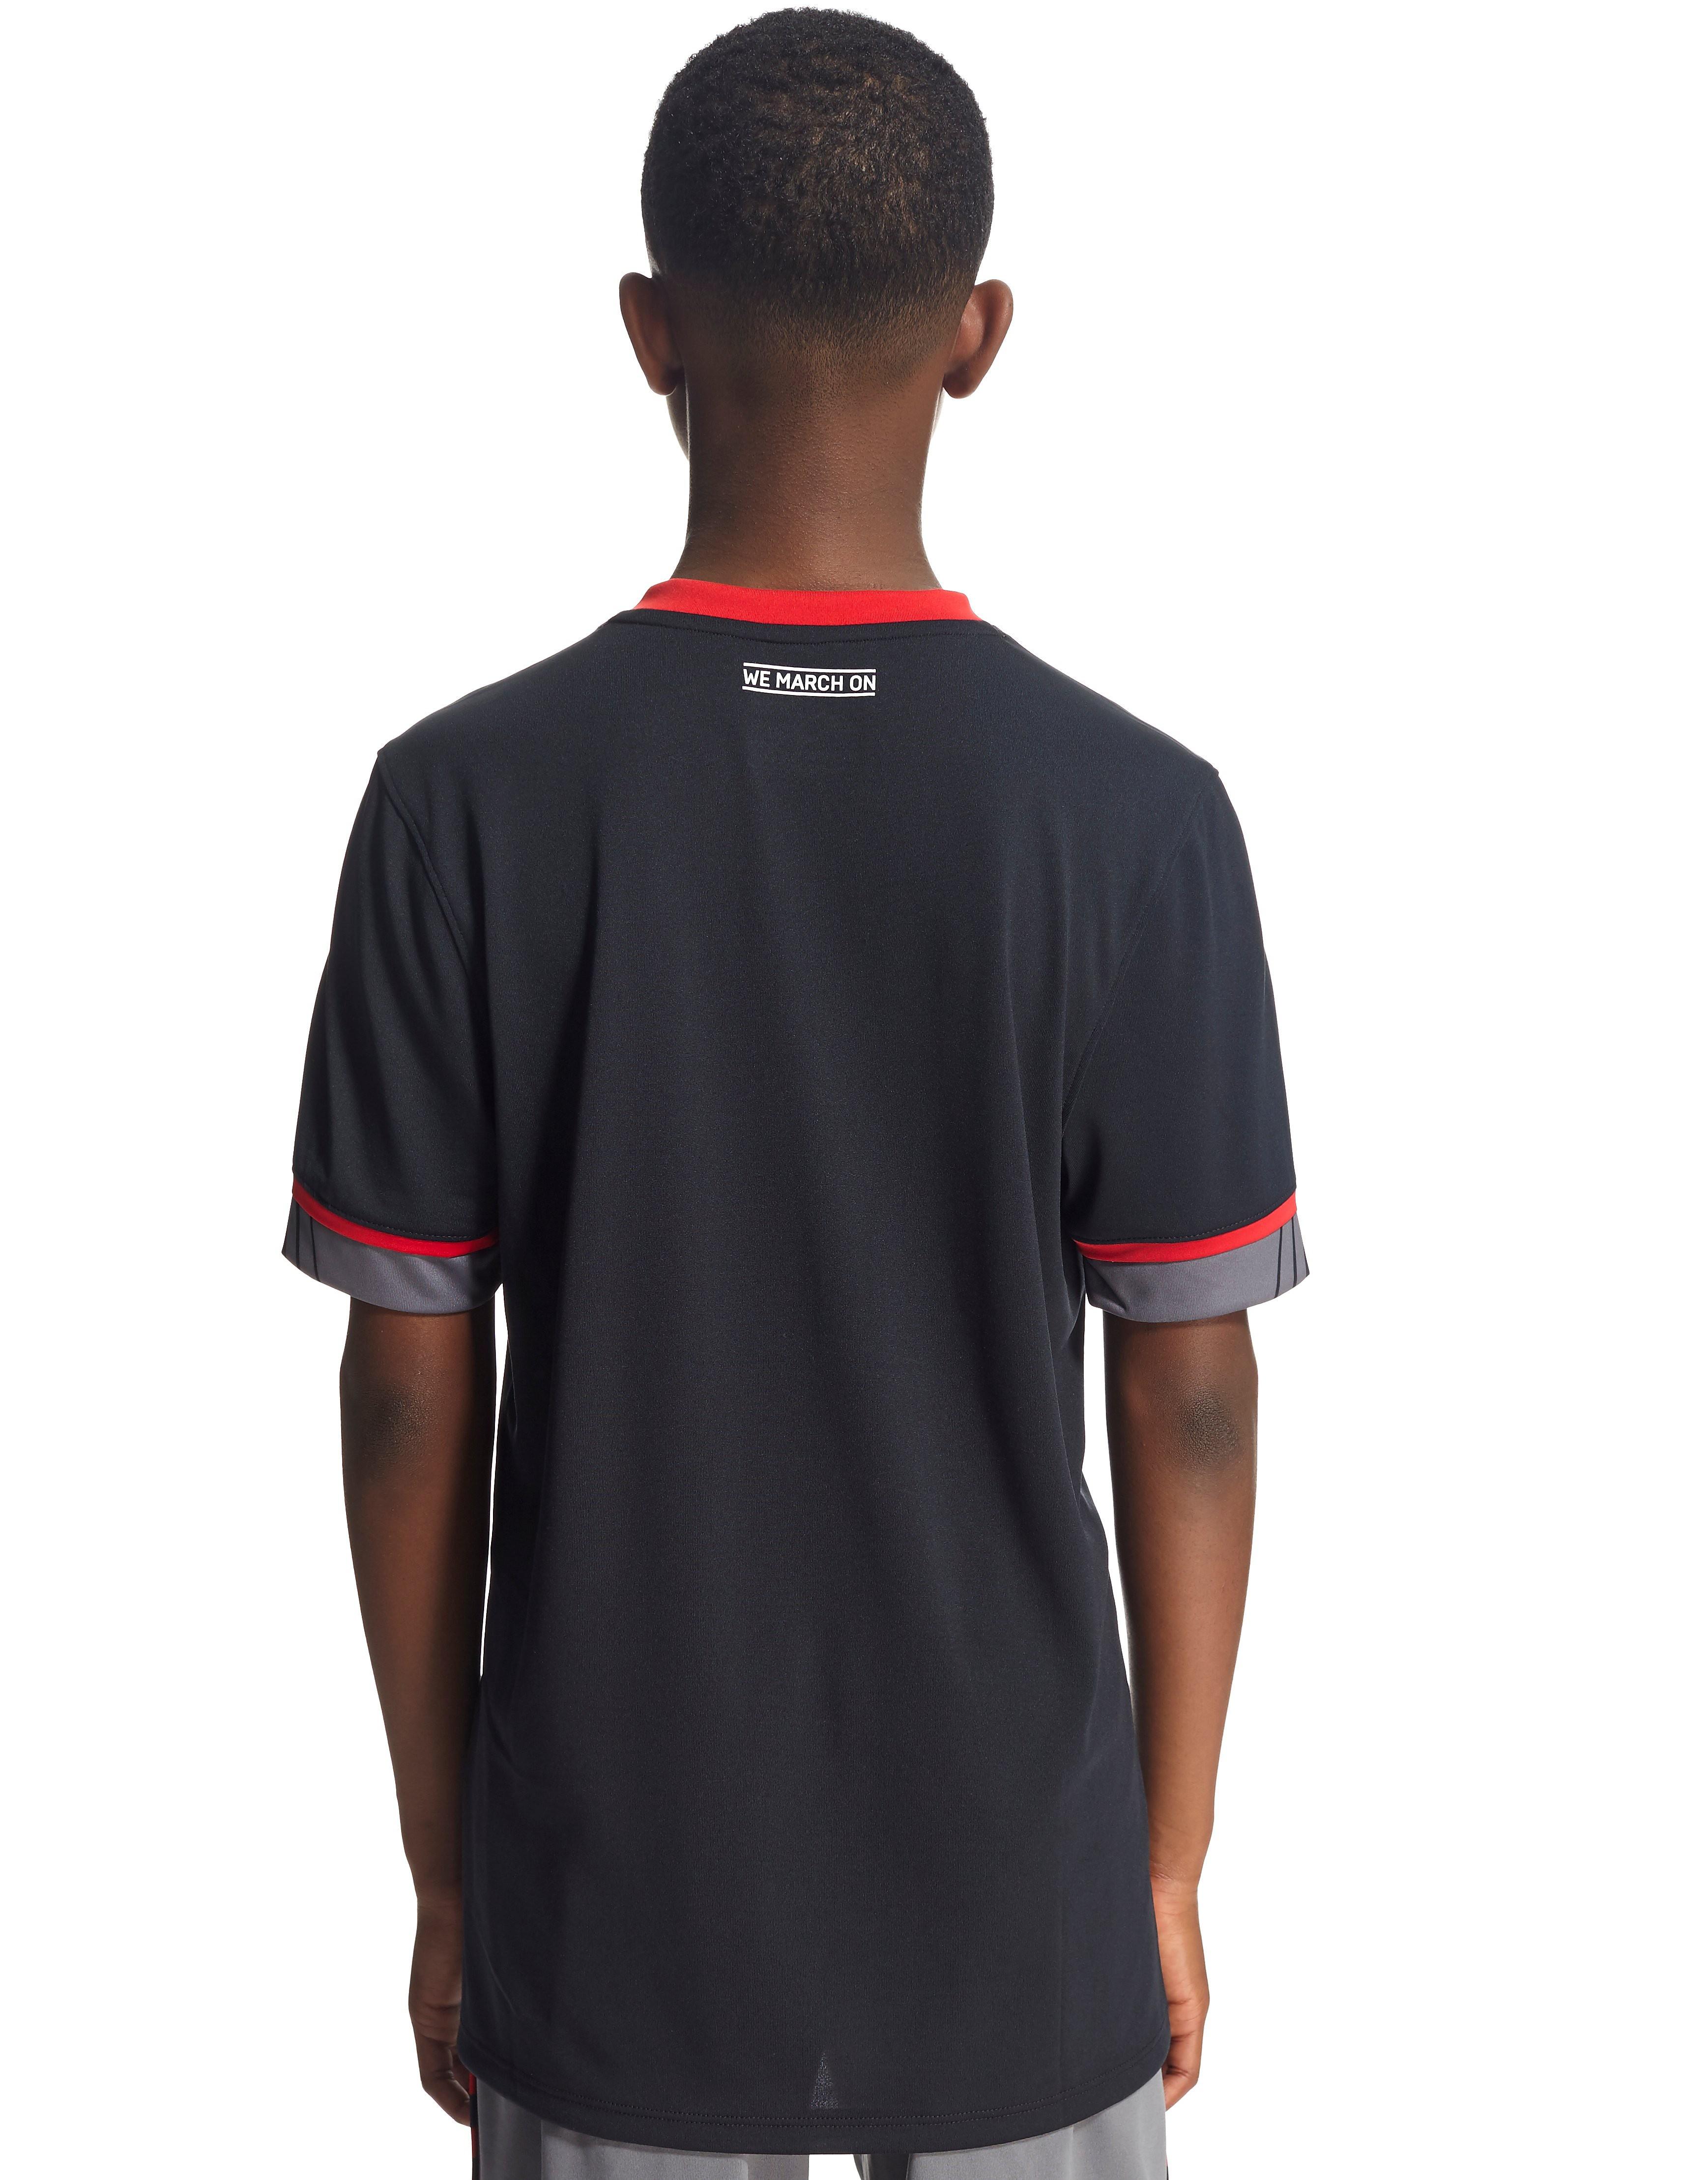 Under Armour Southampton Away 2016/17 Shirt Junior